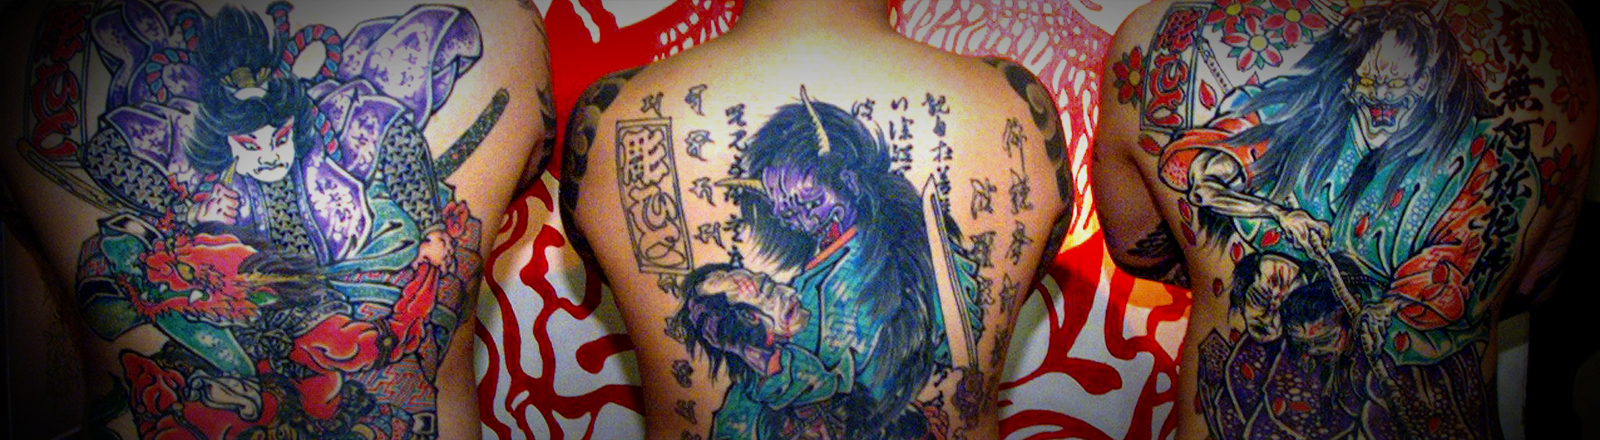 Drei Japaner mit großflächigen Tätowierungen auf dem Rücken